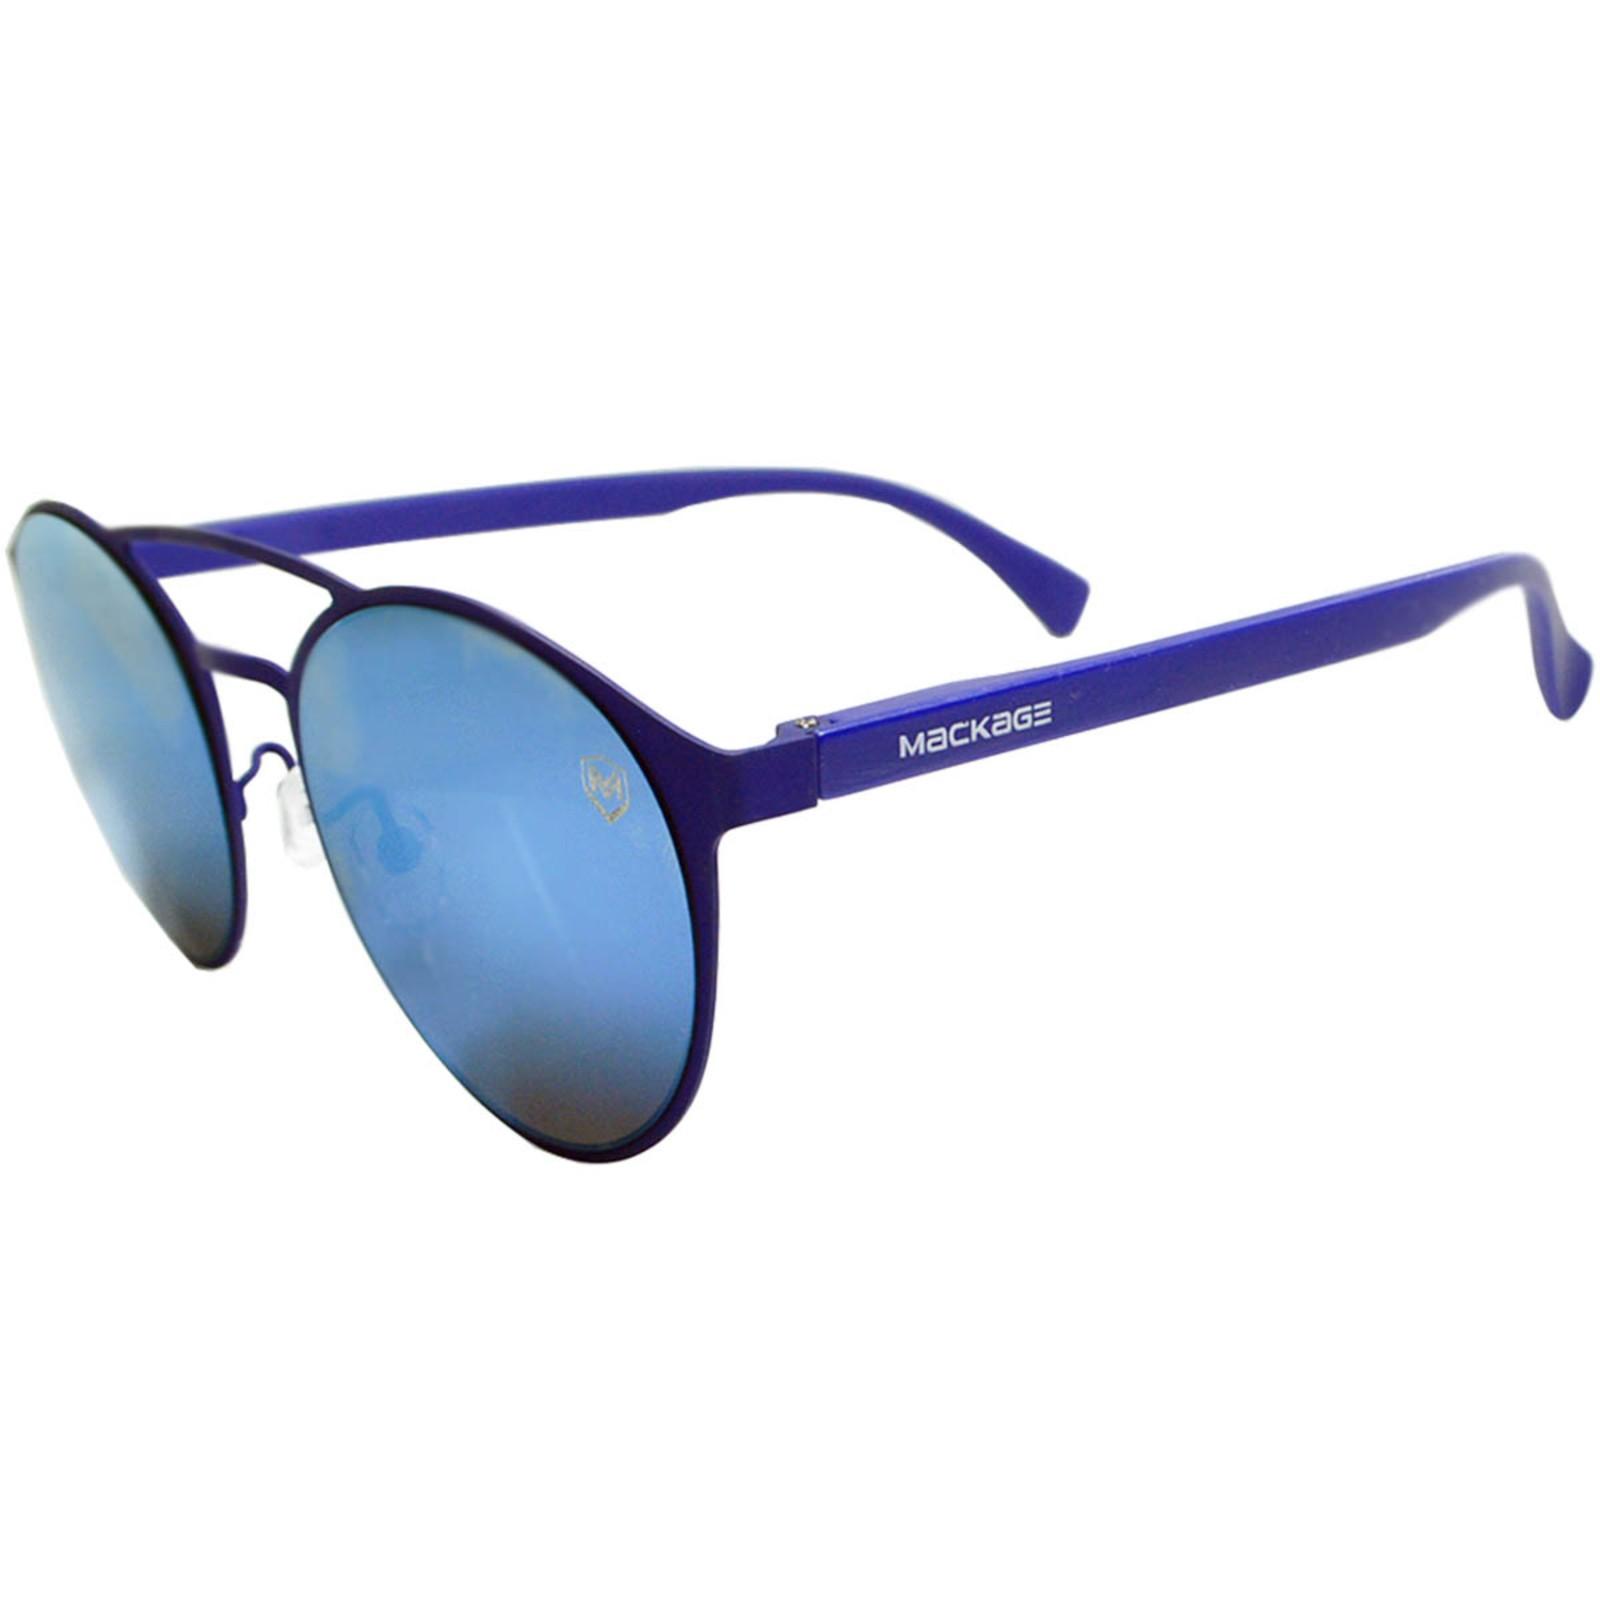 Óculos De Sol Mackage Unissex Metal-Acetato Redondo - Azul